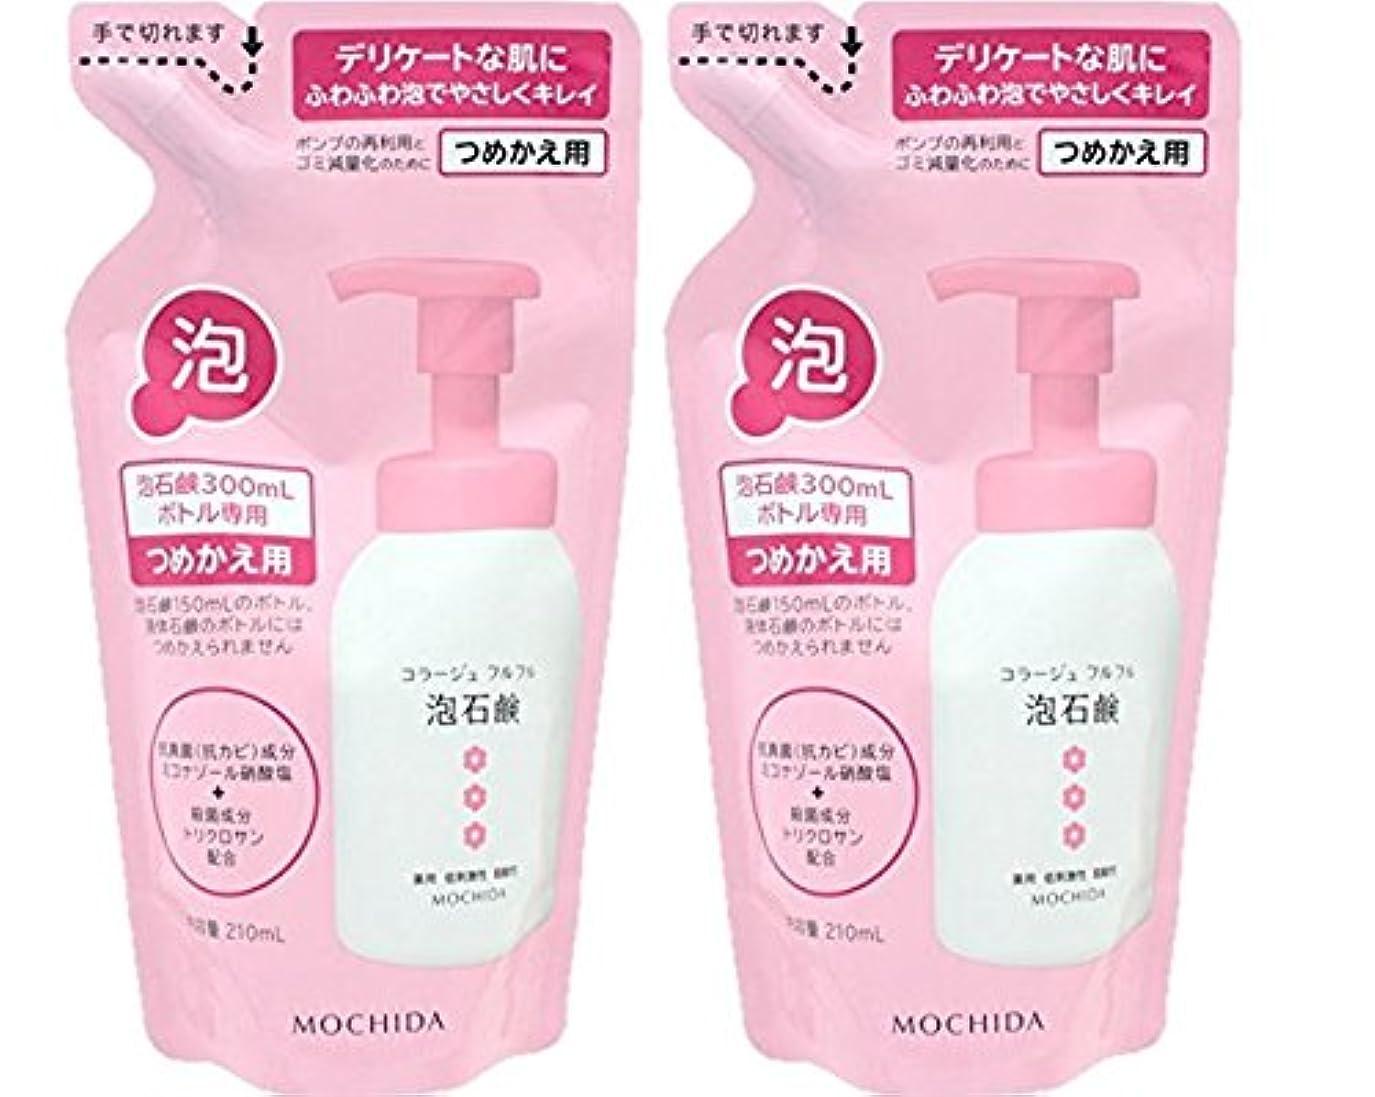 雰囲気賞マキシムコラージュフルフル 泡石鹸 ピンク つめかえ用 210mL (医薬部外品)×2